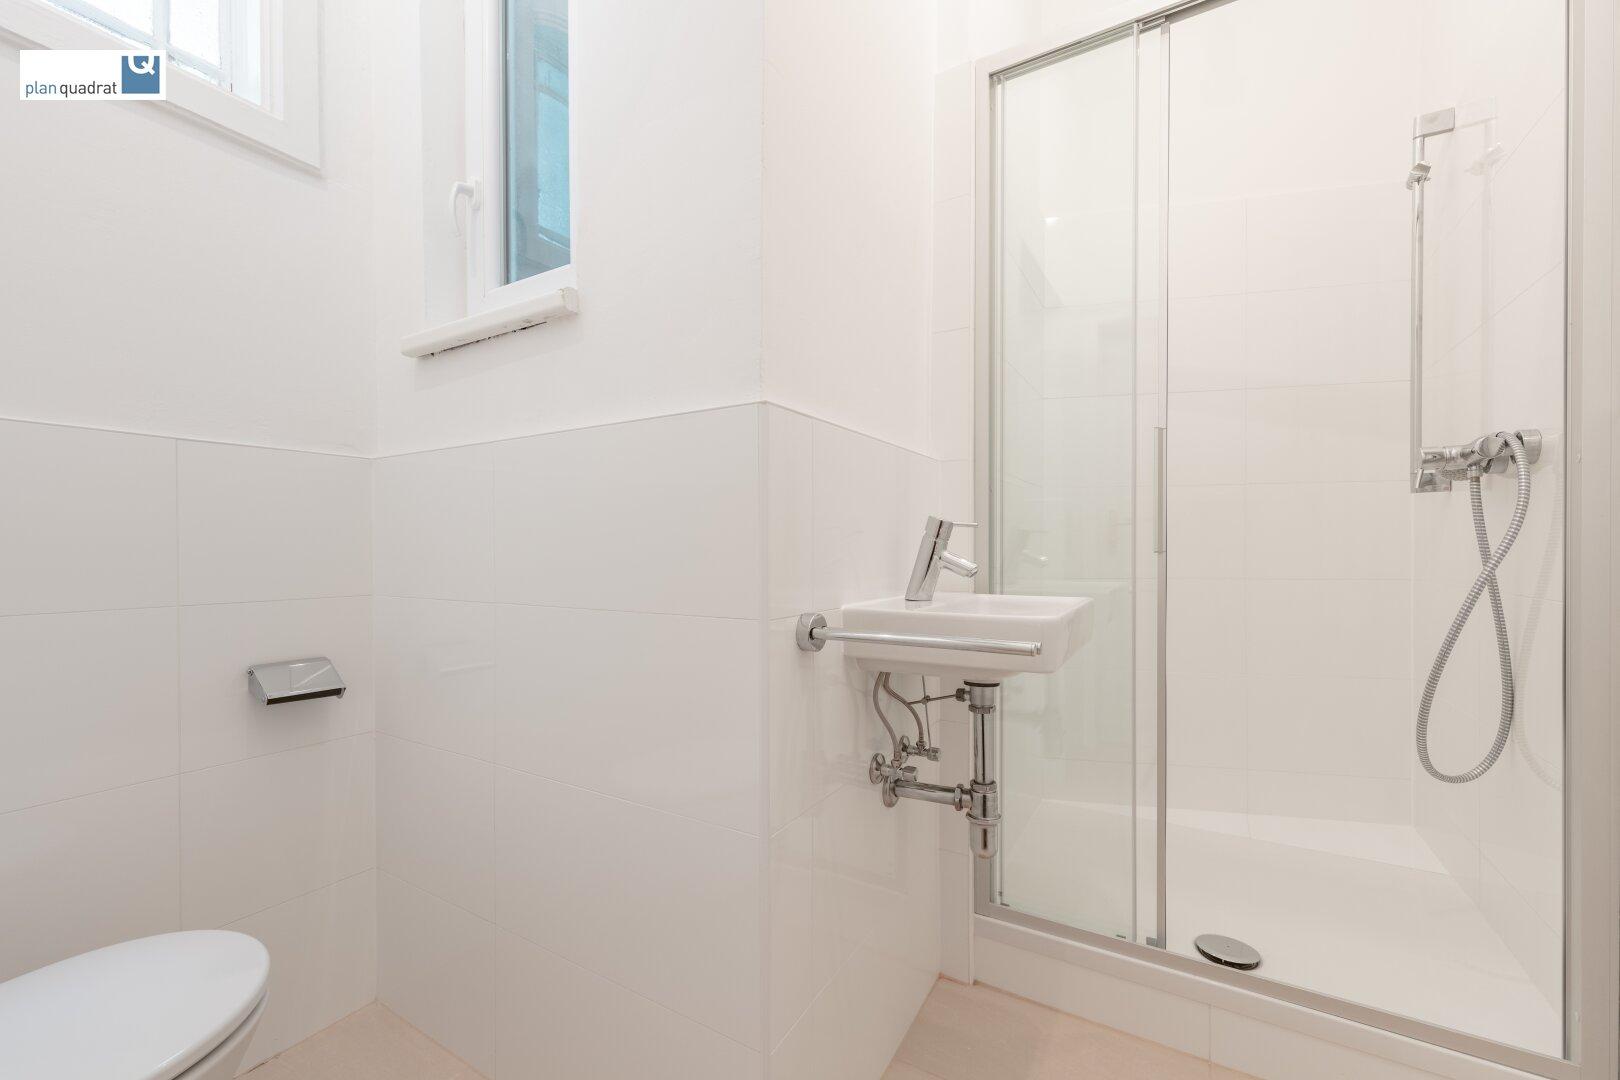 Badezimmer (mit Waschbecken, Dusche und Toilette)